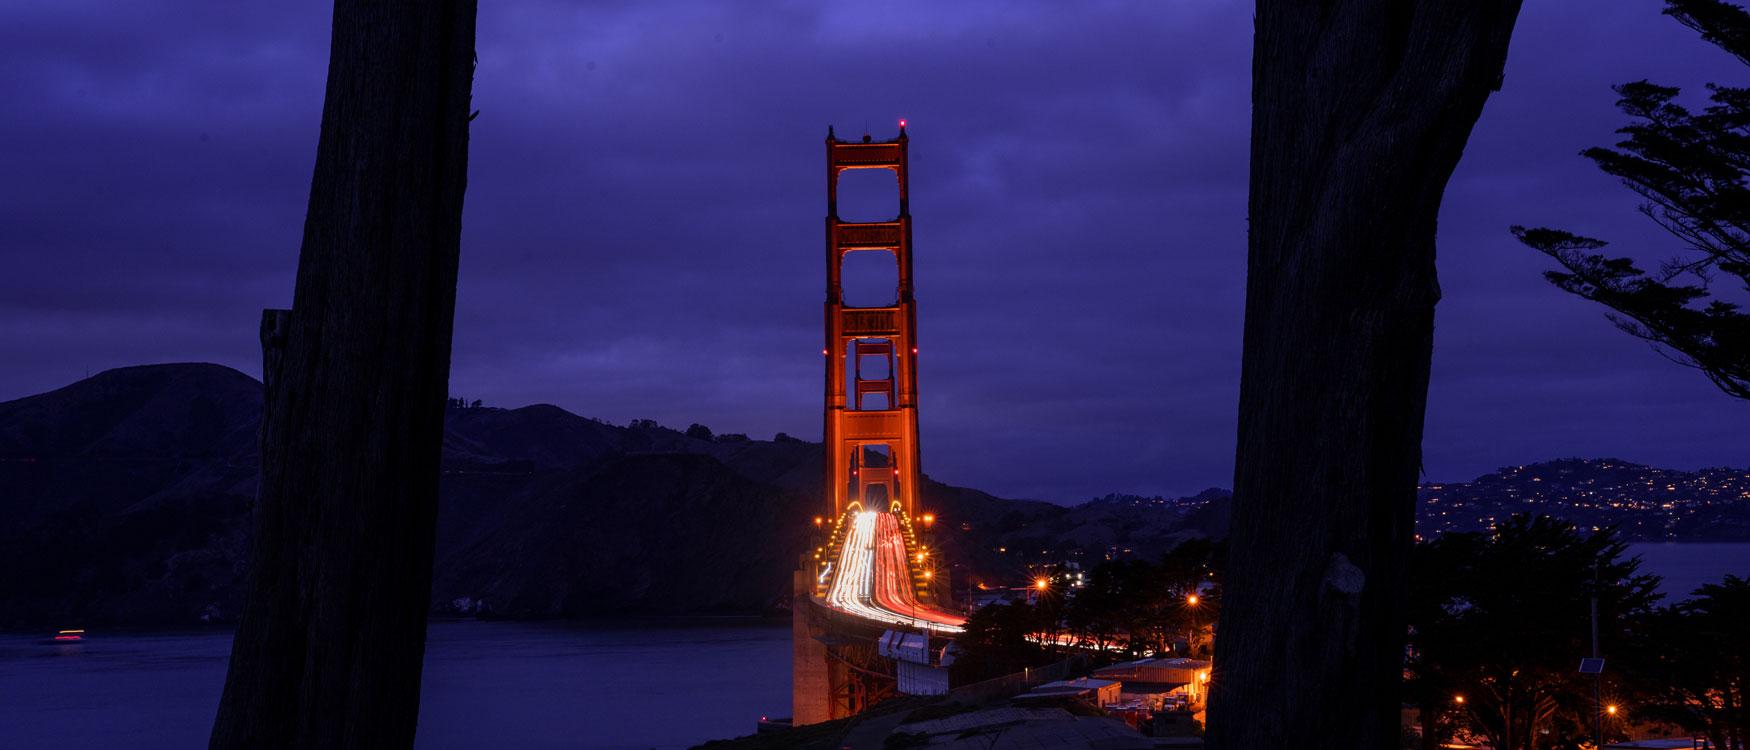 Golden Ggate Bridge Overlook San Francisco